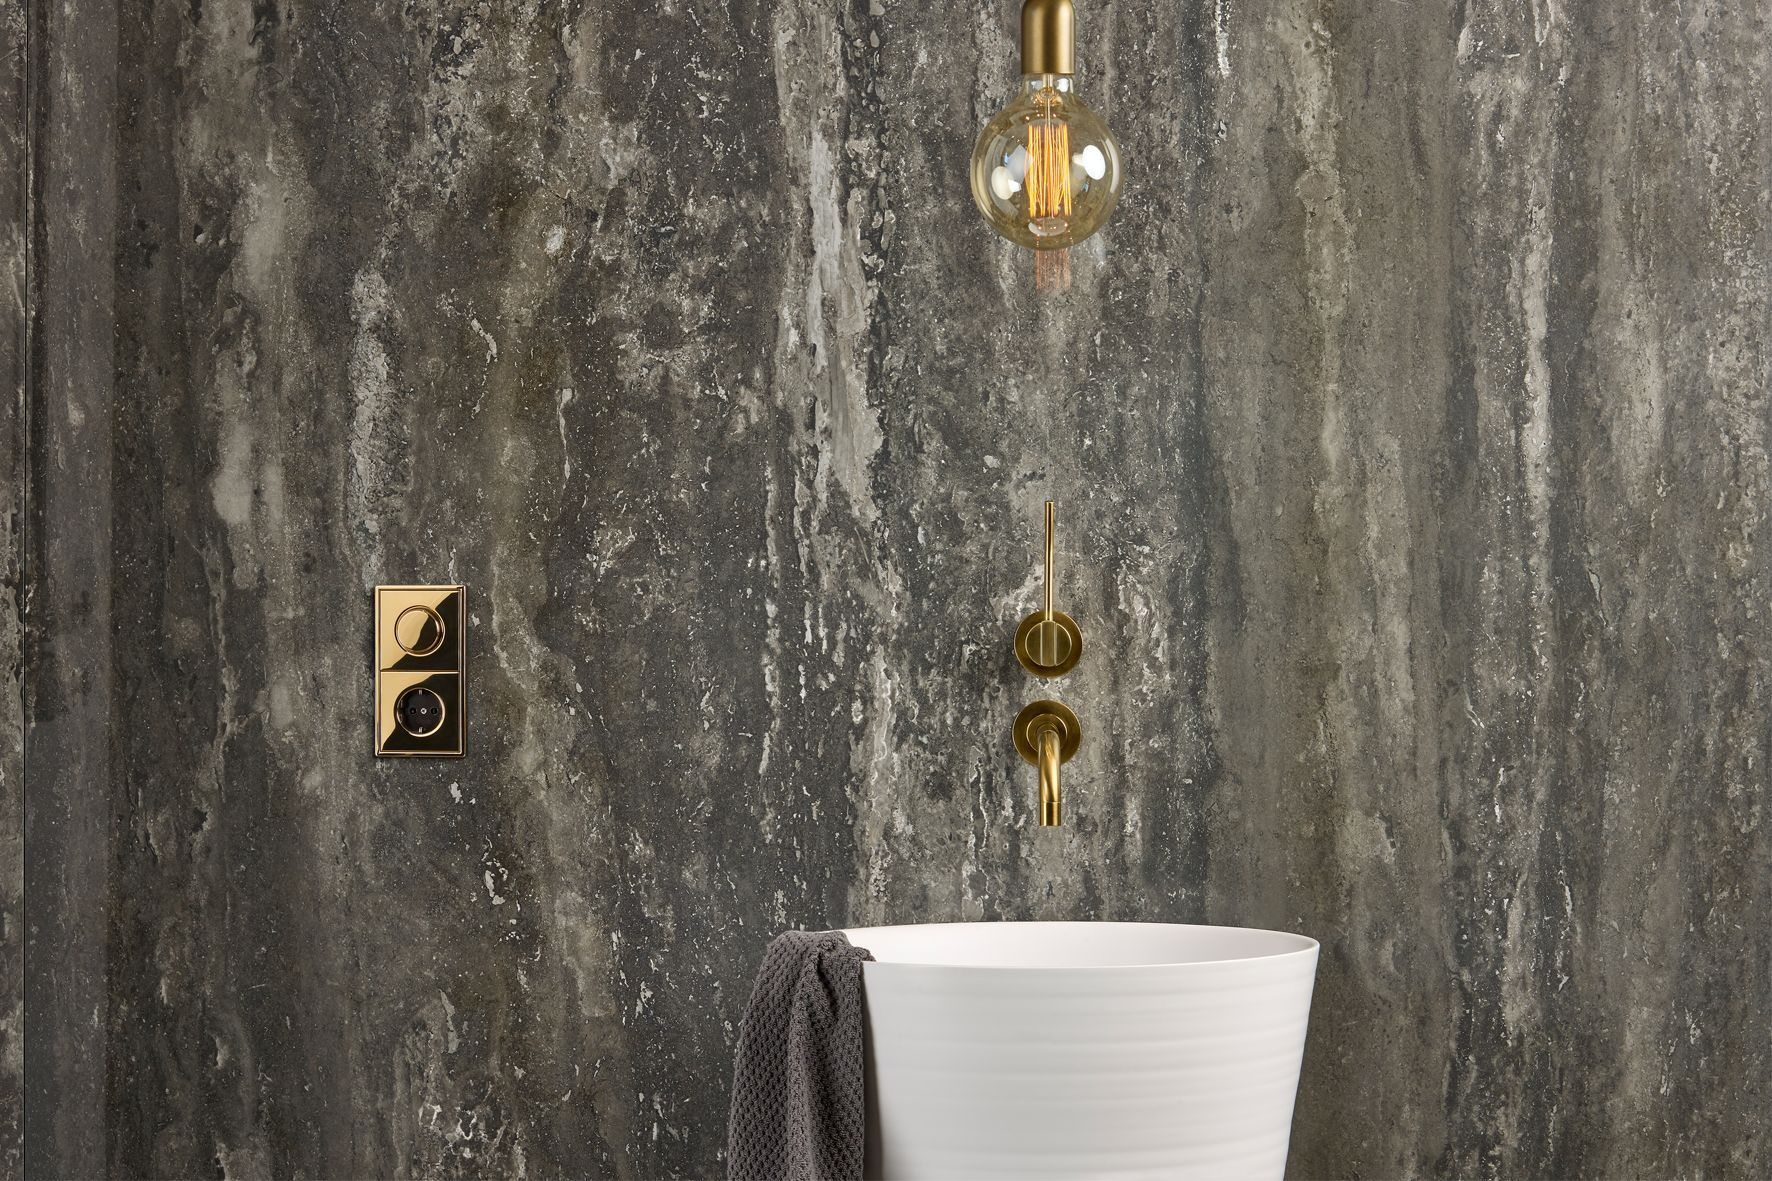 Puro lujo hotel: lavabo, accesorios y luminarias tienen un toque de diseño industrial. El LS 990 chapado en oro regulador giratorio desde JUNG está en contraste con esta emocionante. #styleguide #luxury #inspiration #feauturehighlight #bathroom #hospitality